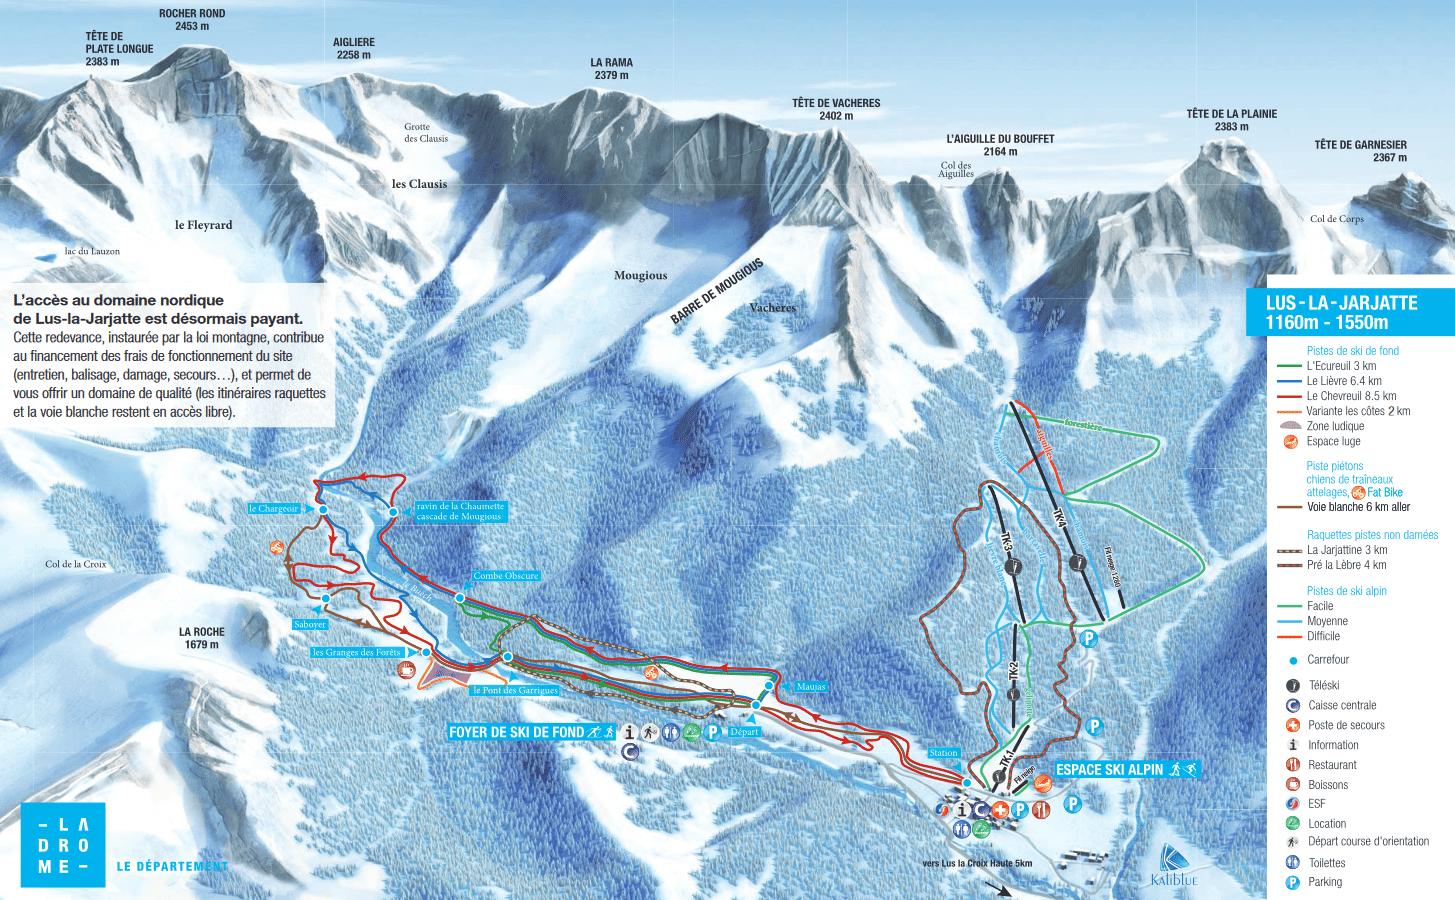 Lus La Jarjatte - Plan des pistes de ski